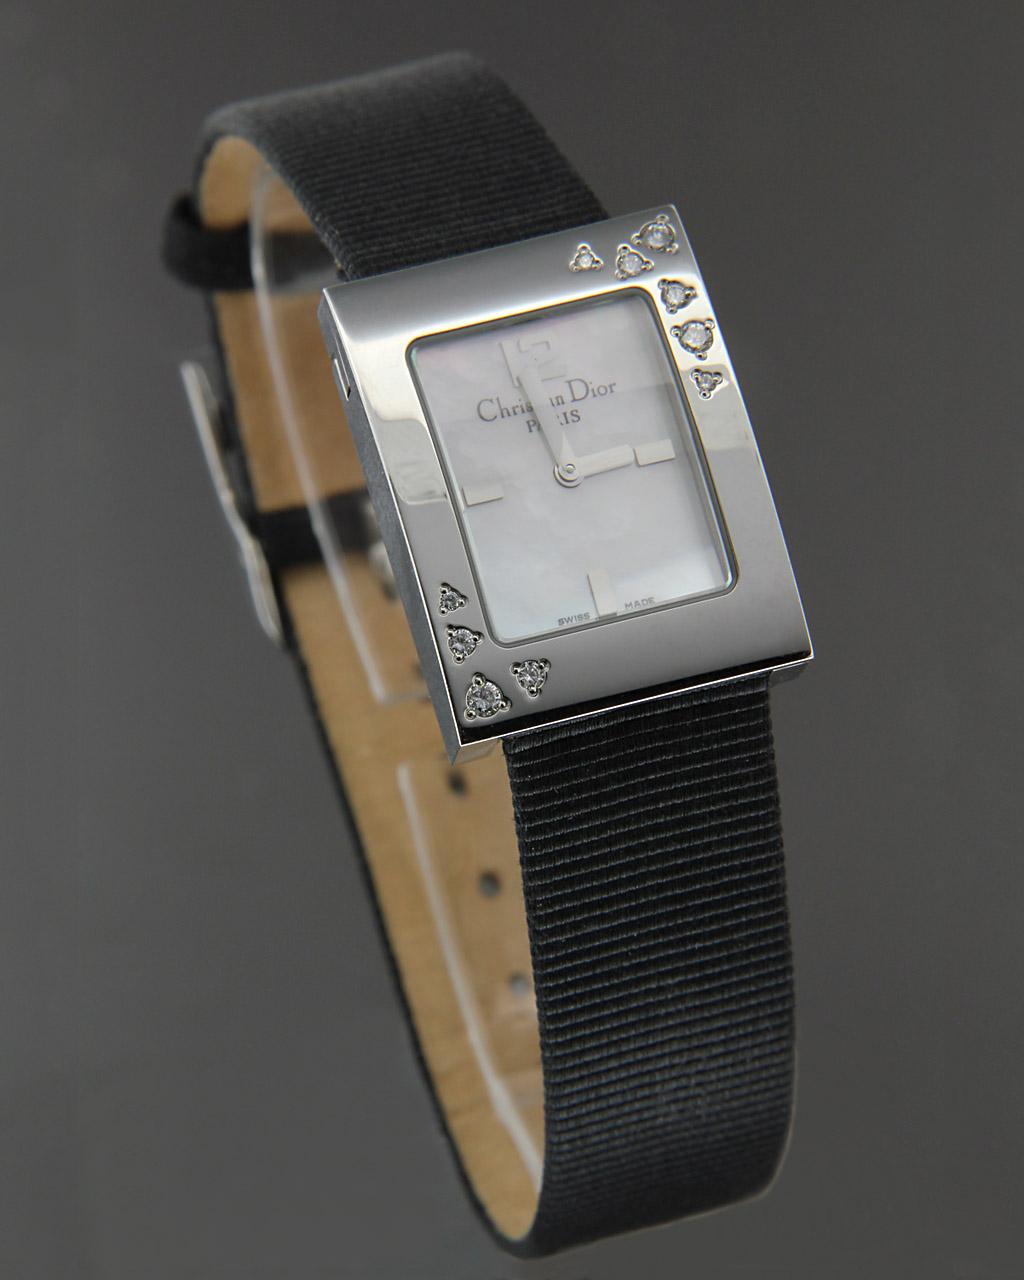 Ρολόι Christian Dior 78-1091BCIN   προσφορεσ ρολόγια ρολόγια πάνω απο 500ε